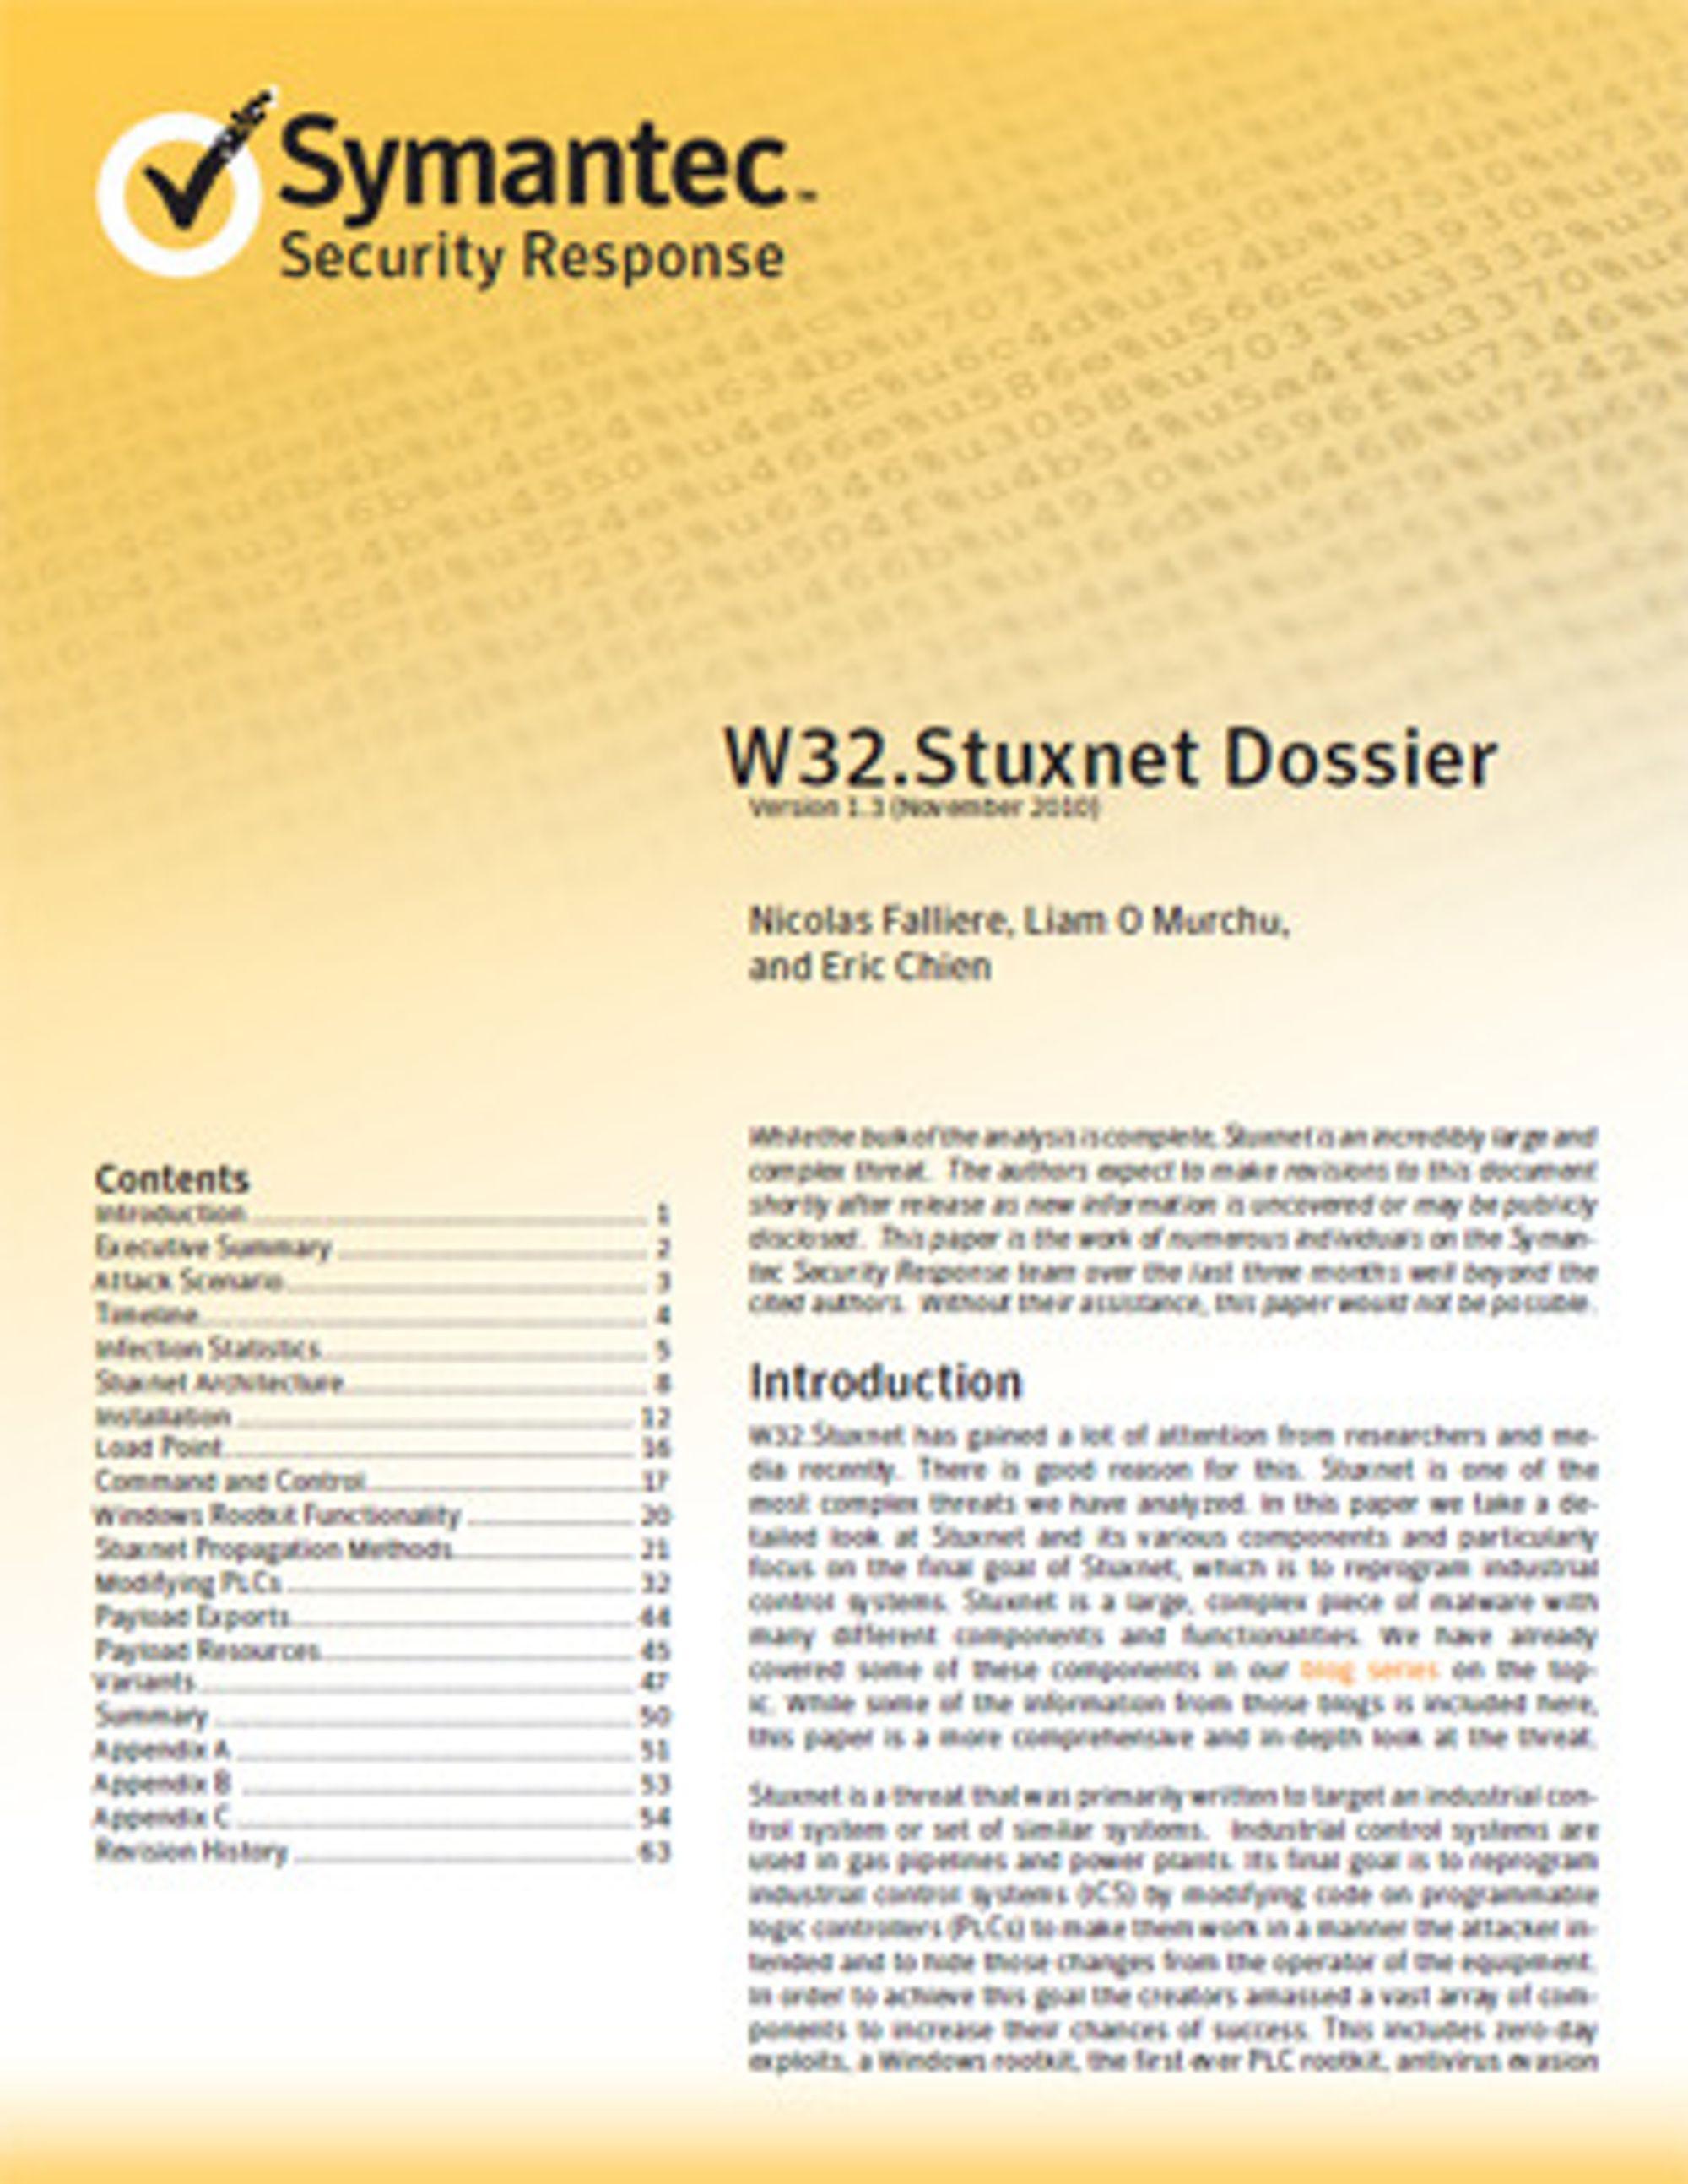 Stuxnet-rapporten til Symantec oppdateres fortløpende, og utfylles mellom oppdateringene av innlegg på selskapets Stuxnet-blogg.